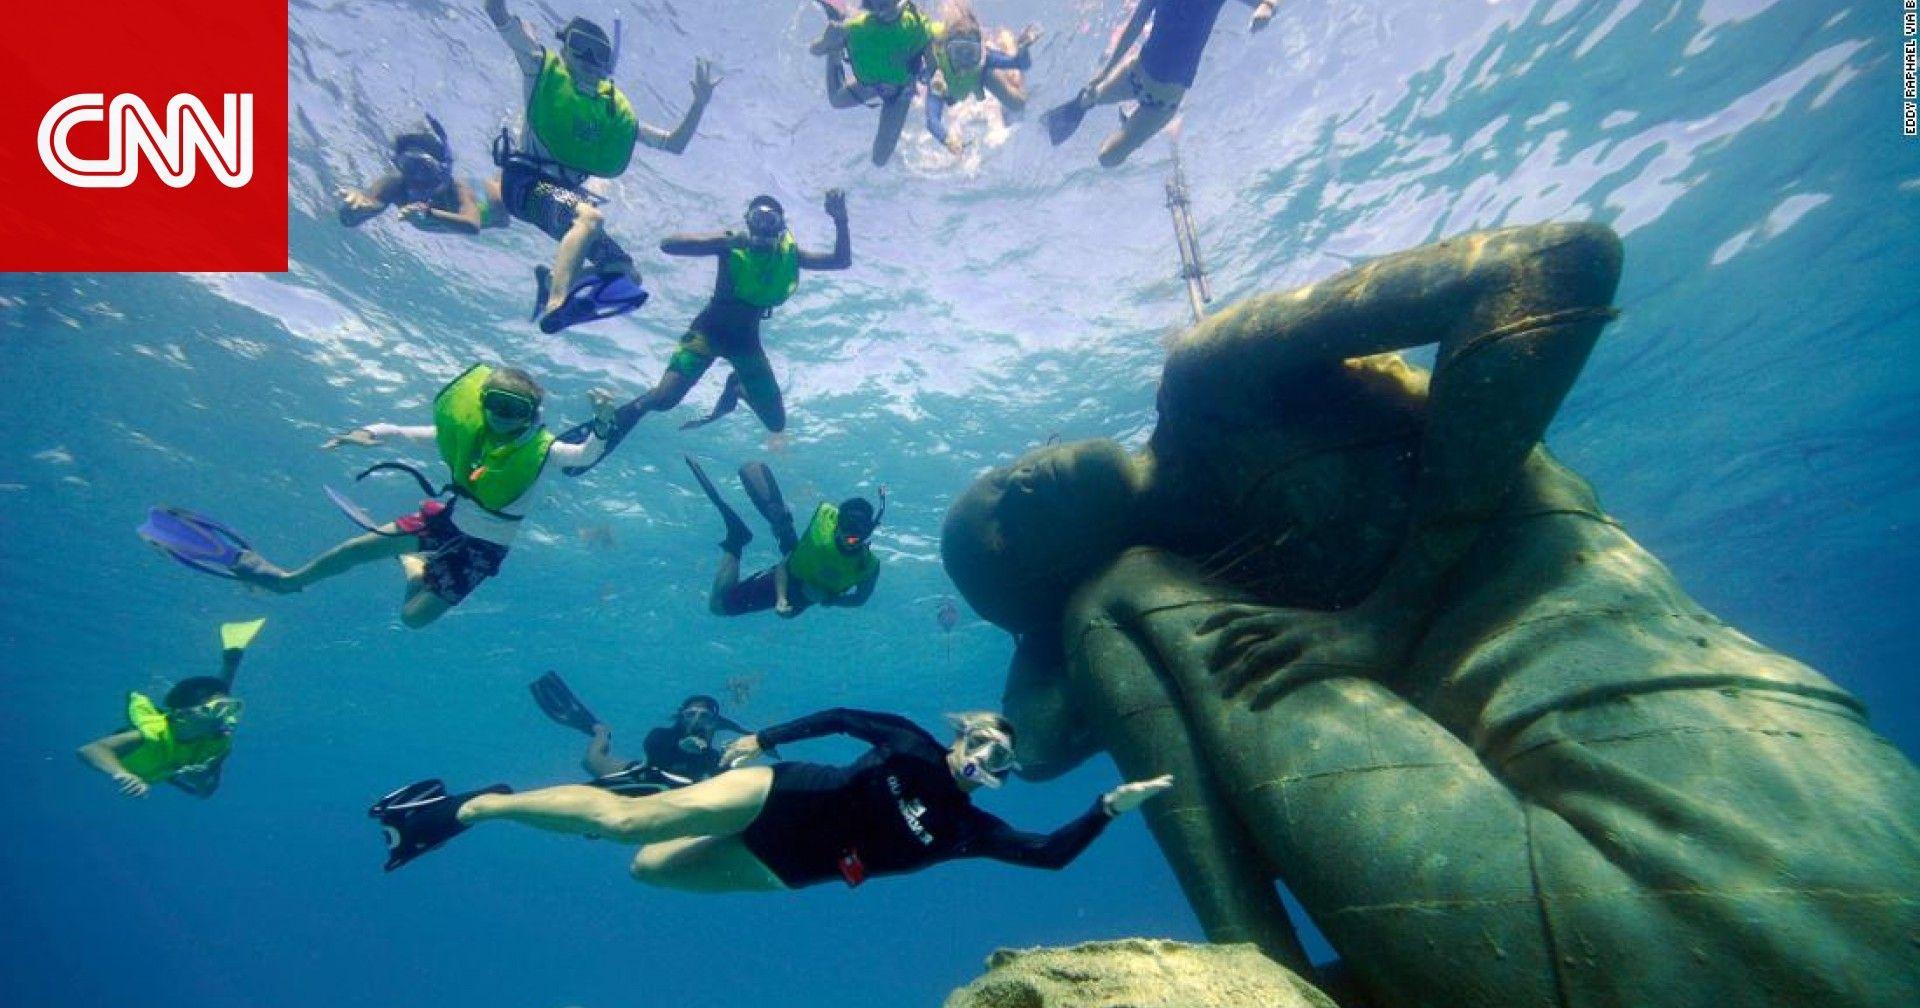 هل تود زيارتها حديقة من المنحوتات تحت الماء في جزر البهاما Bahamas Island Underwater World Underwater Park